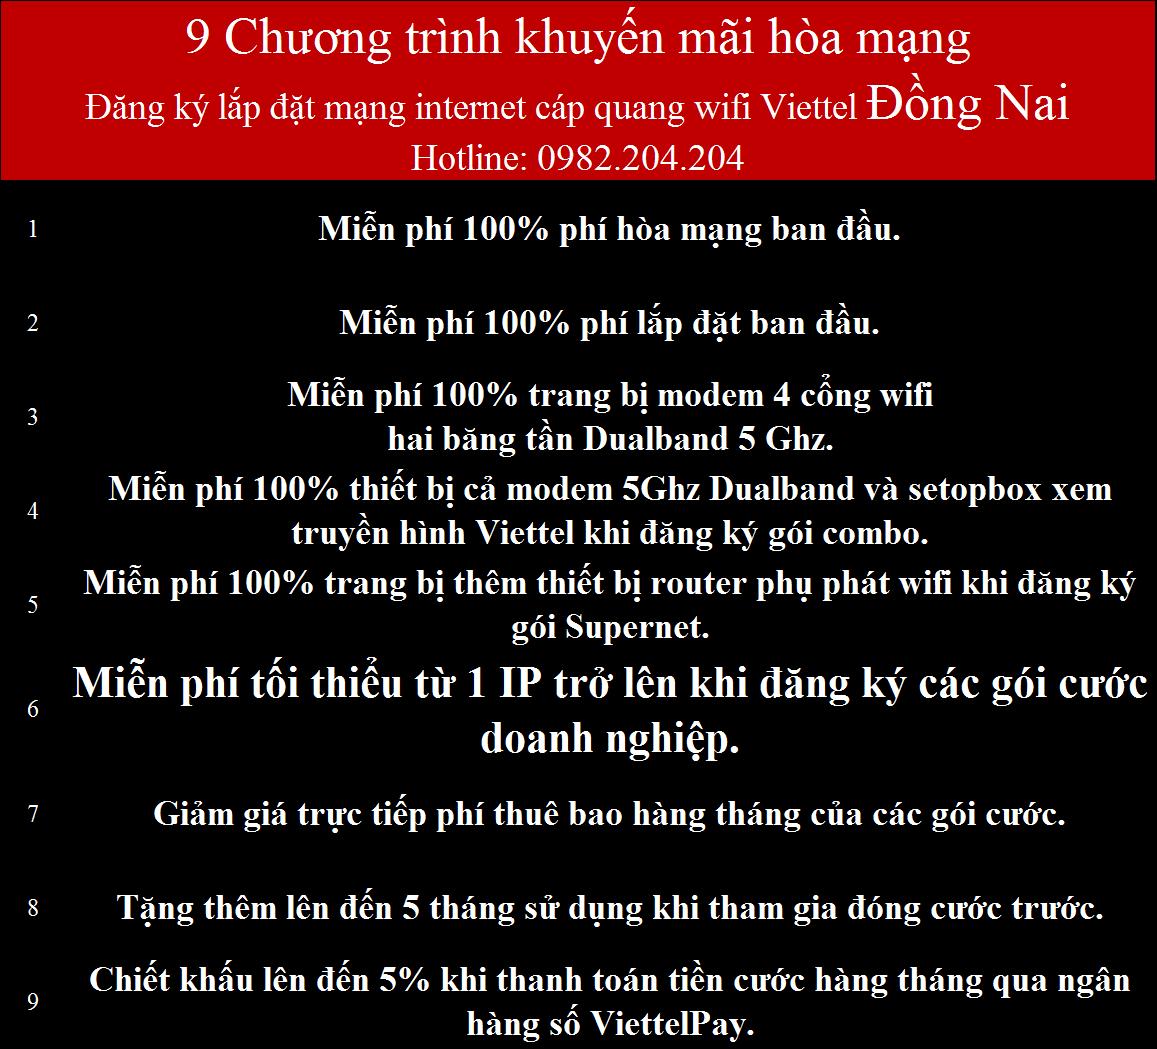 Lắp Cáp Quang Viettel Đồng Nai